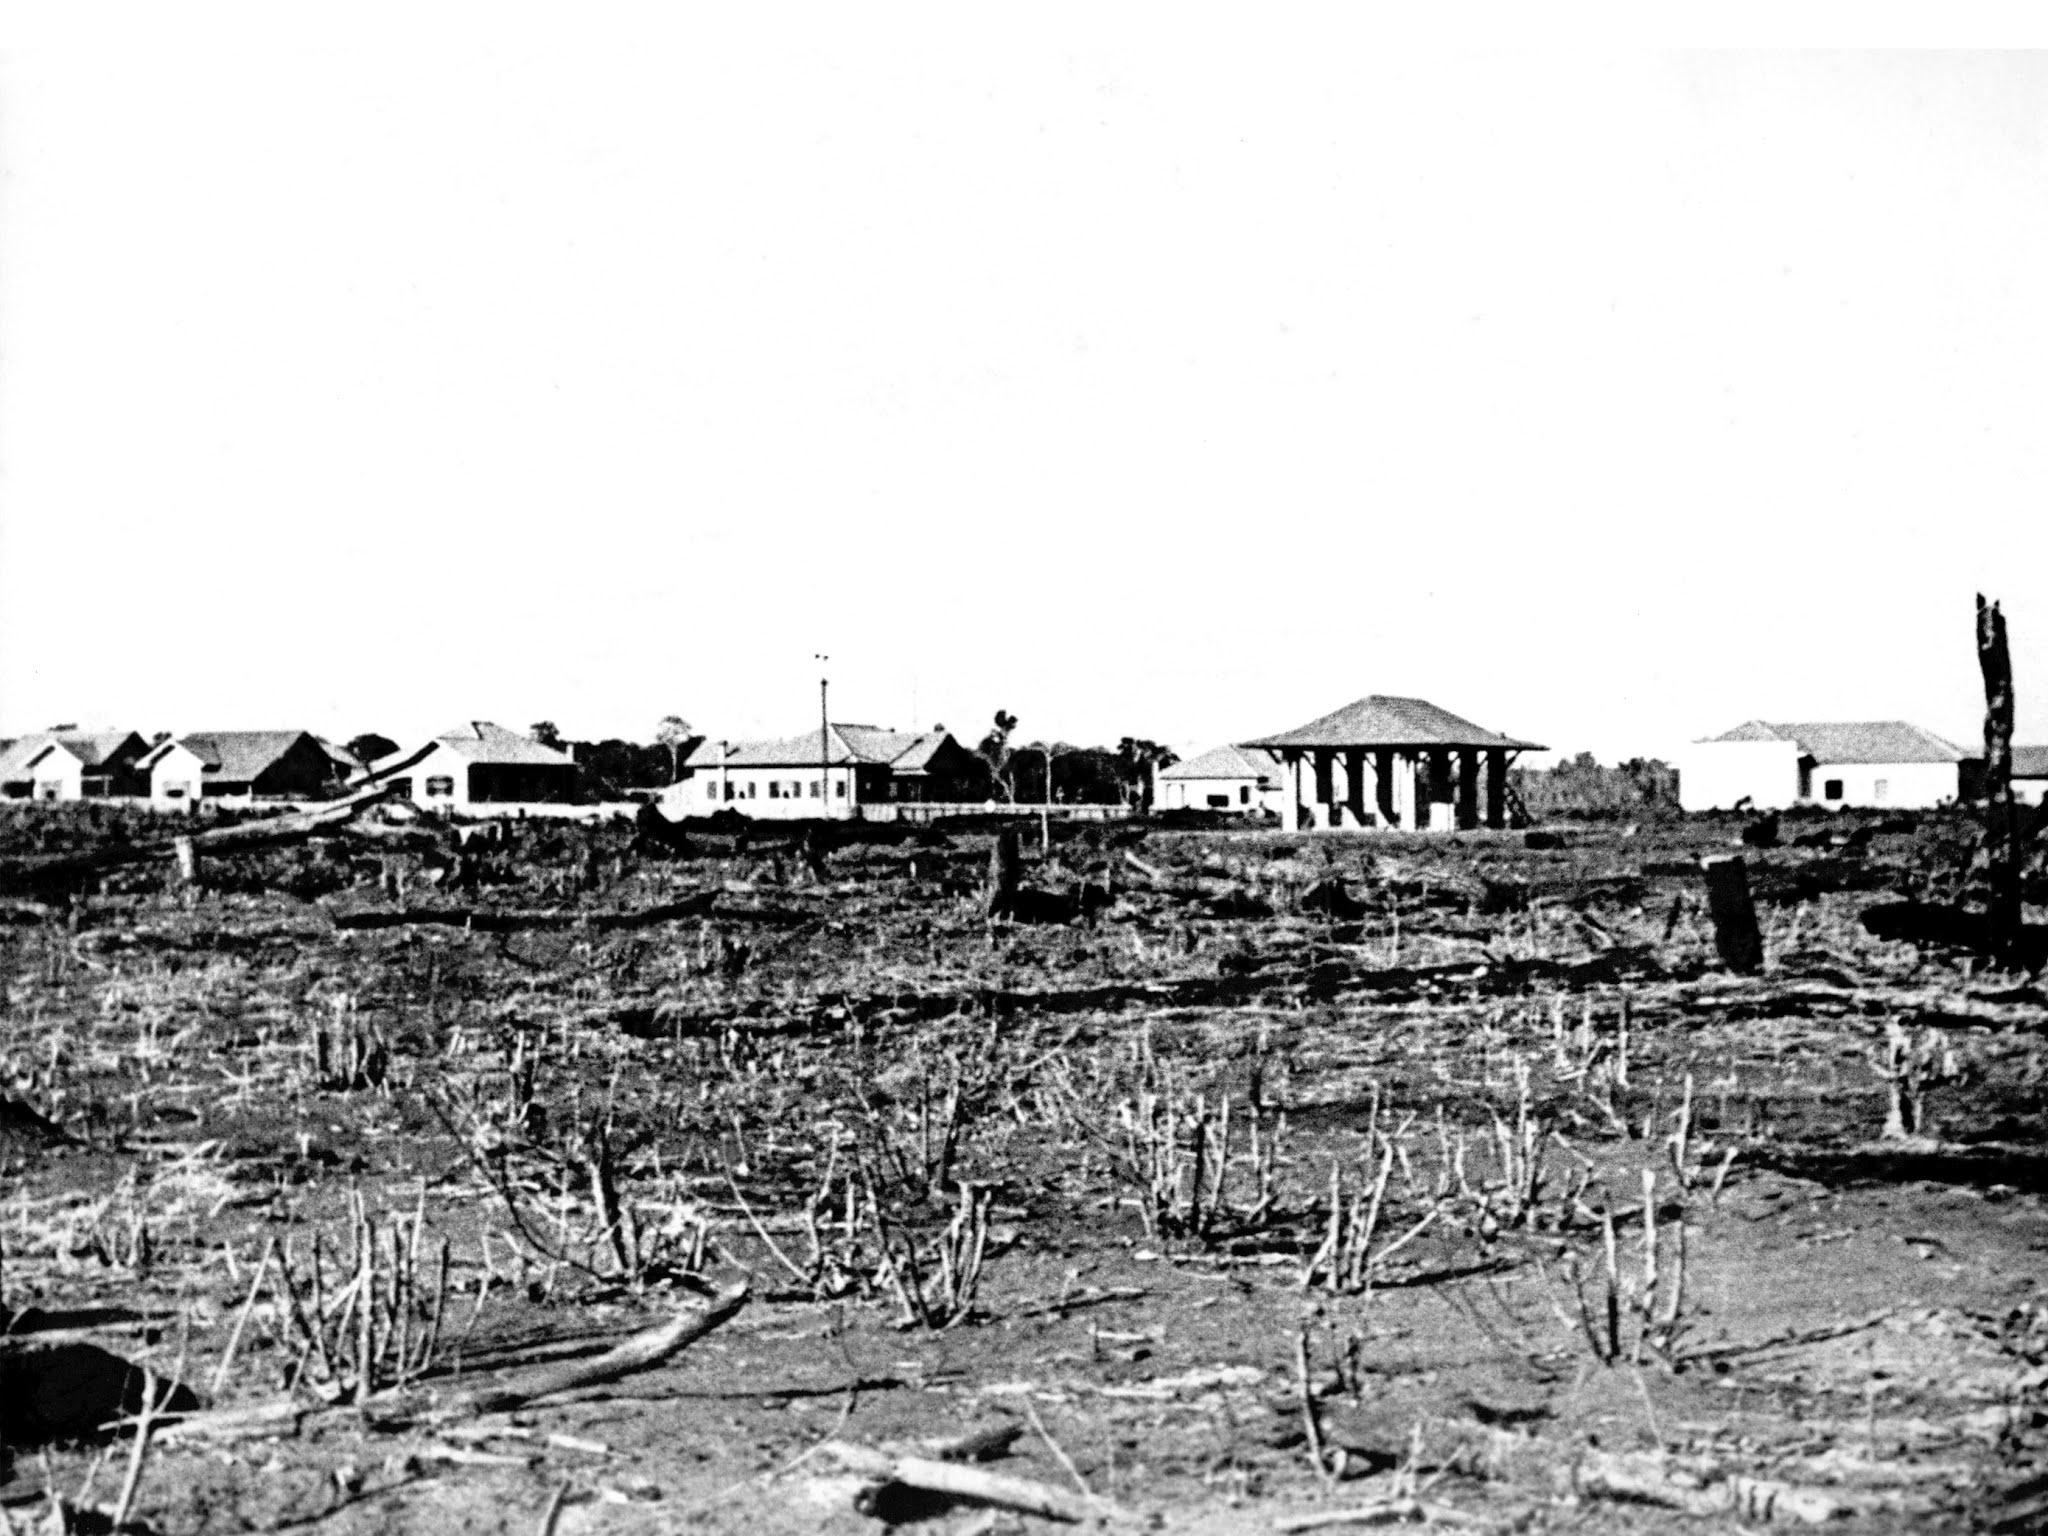 Praça da Rodoviária - Final dos anos 1940